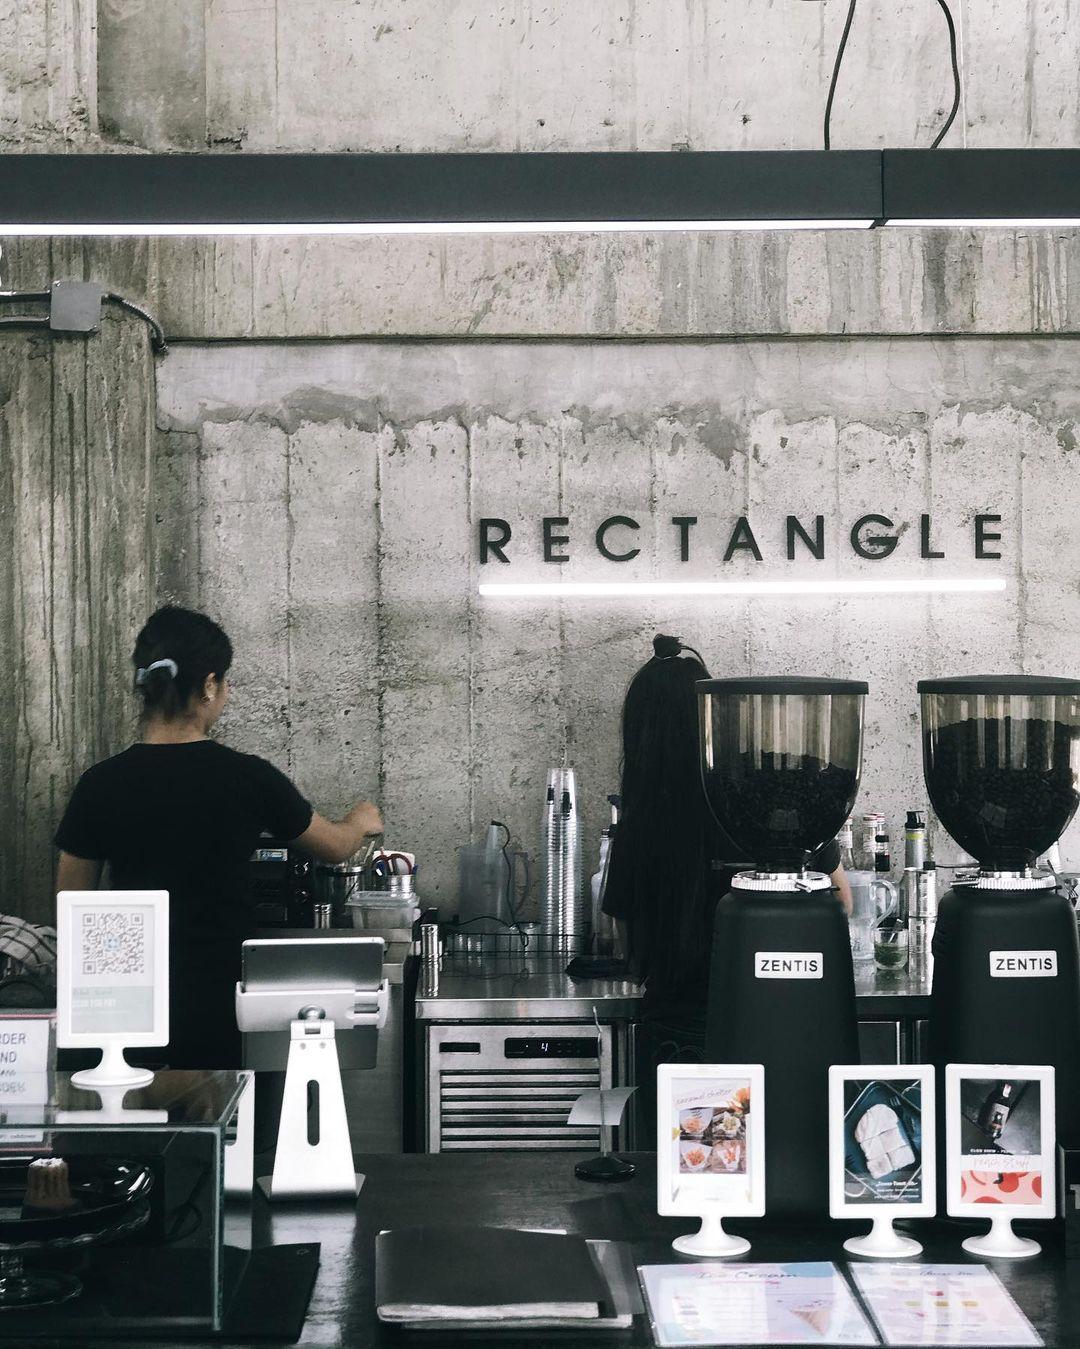 Từ xa, du khách đã có thể nhận ra quán cà phê nổi bật. Bước qua cánh cửa kim loại, bạn ngay lập tức được chào đón bởi không gian ngập tông màu xám, hệ thống dây điện lộ ra tương phản với nội thất hiện đại, ánh đèn neon và máy pha cà phê, tạo nên không gian thú vị. Ảnh: Instagram fluke_jesz